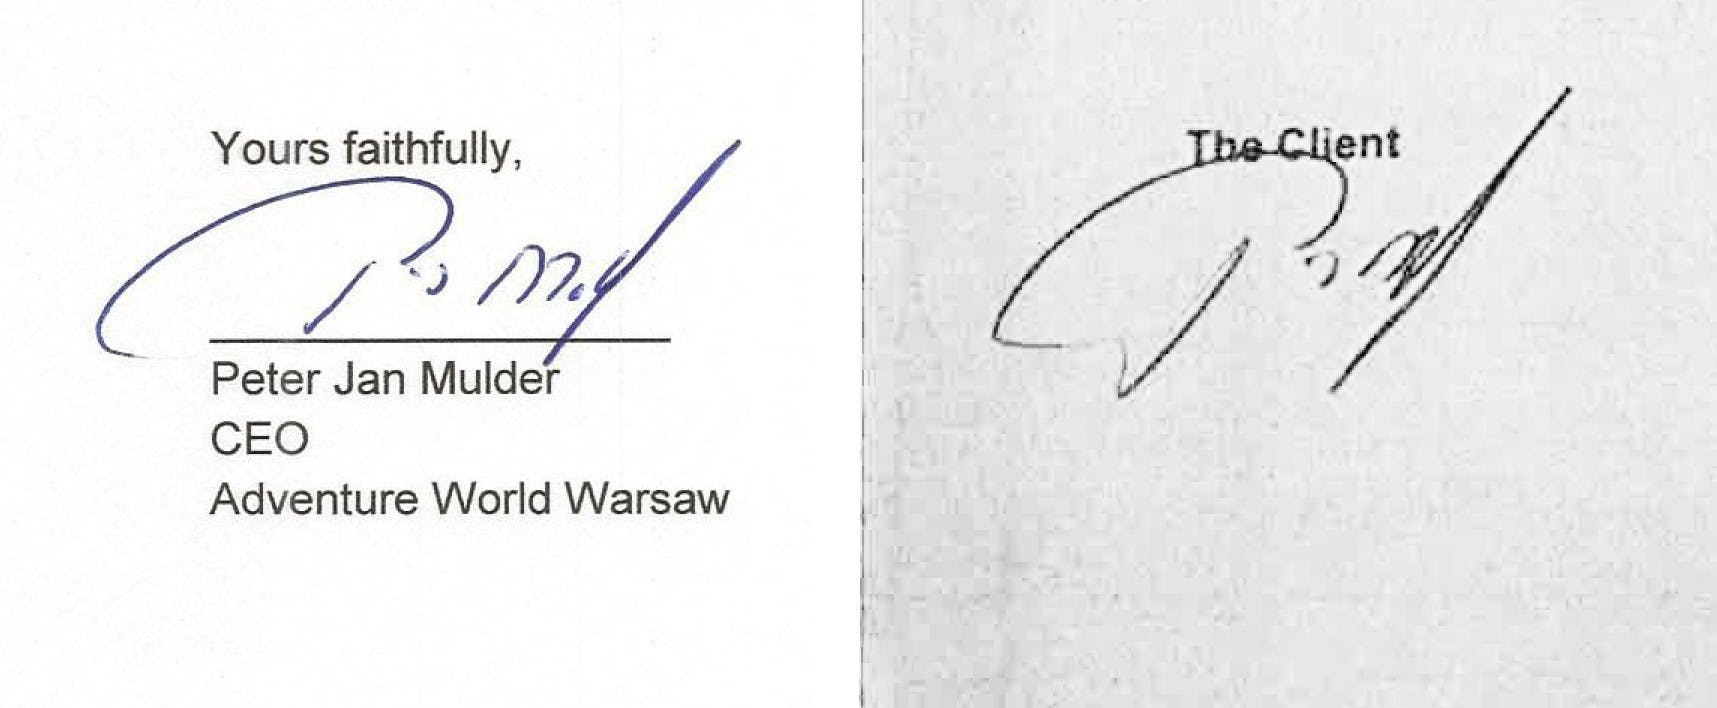 Links de handtekening van Mulder en rechts de naar verluidt vervalste handtekening.